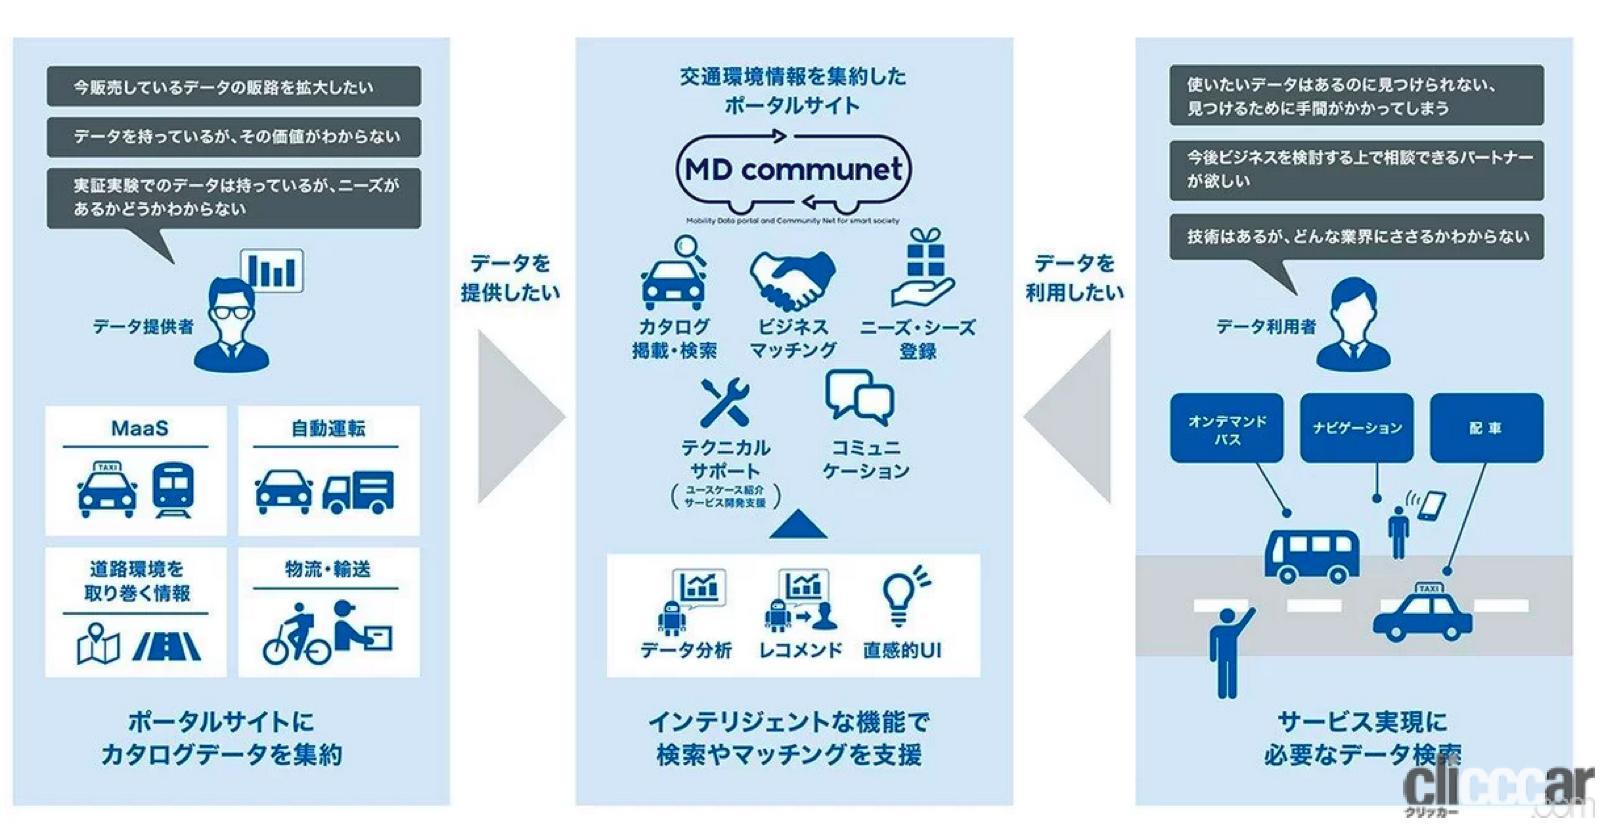 「清水和夫が解説!日本が進める「自動運転の今」はどんな技術で、どう使うのか?【SIP第2期 自動運転 中間成果発表会】」の18枚目の画像